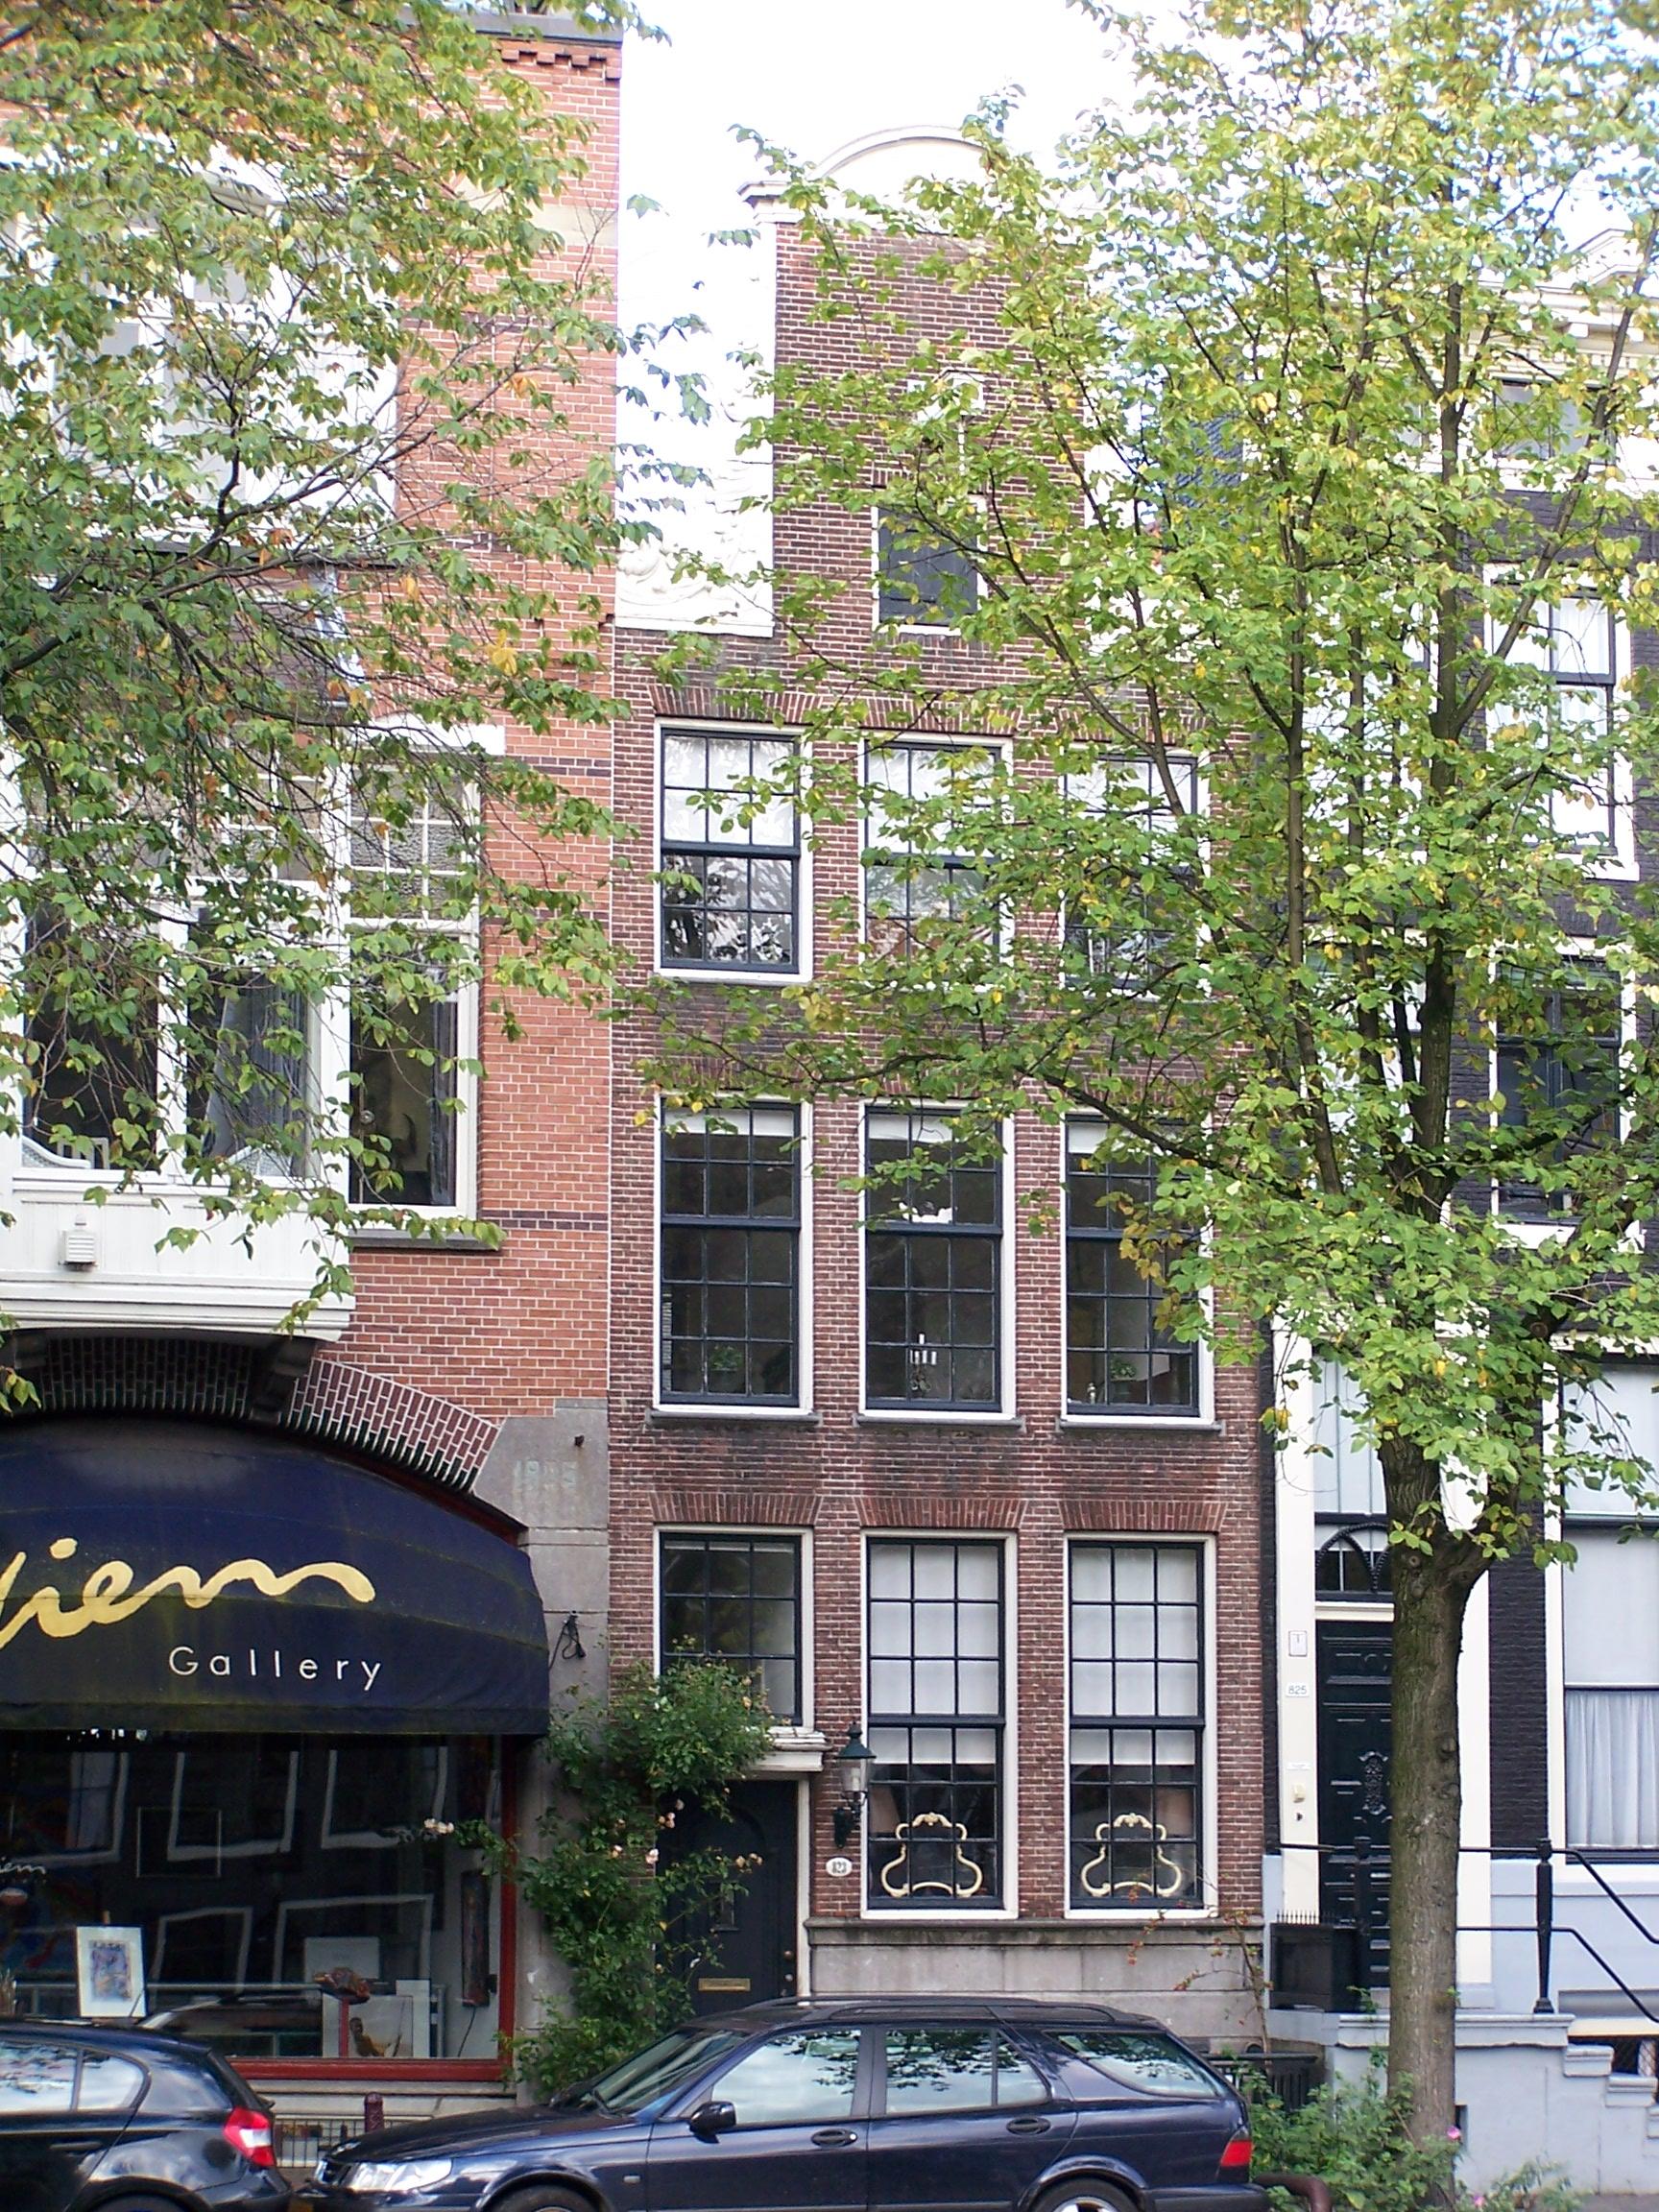 Huis met herbouwde gevel onder de oude hals in amsterdam monument for Deco oude huis